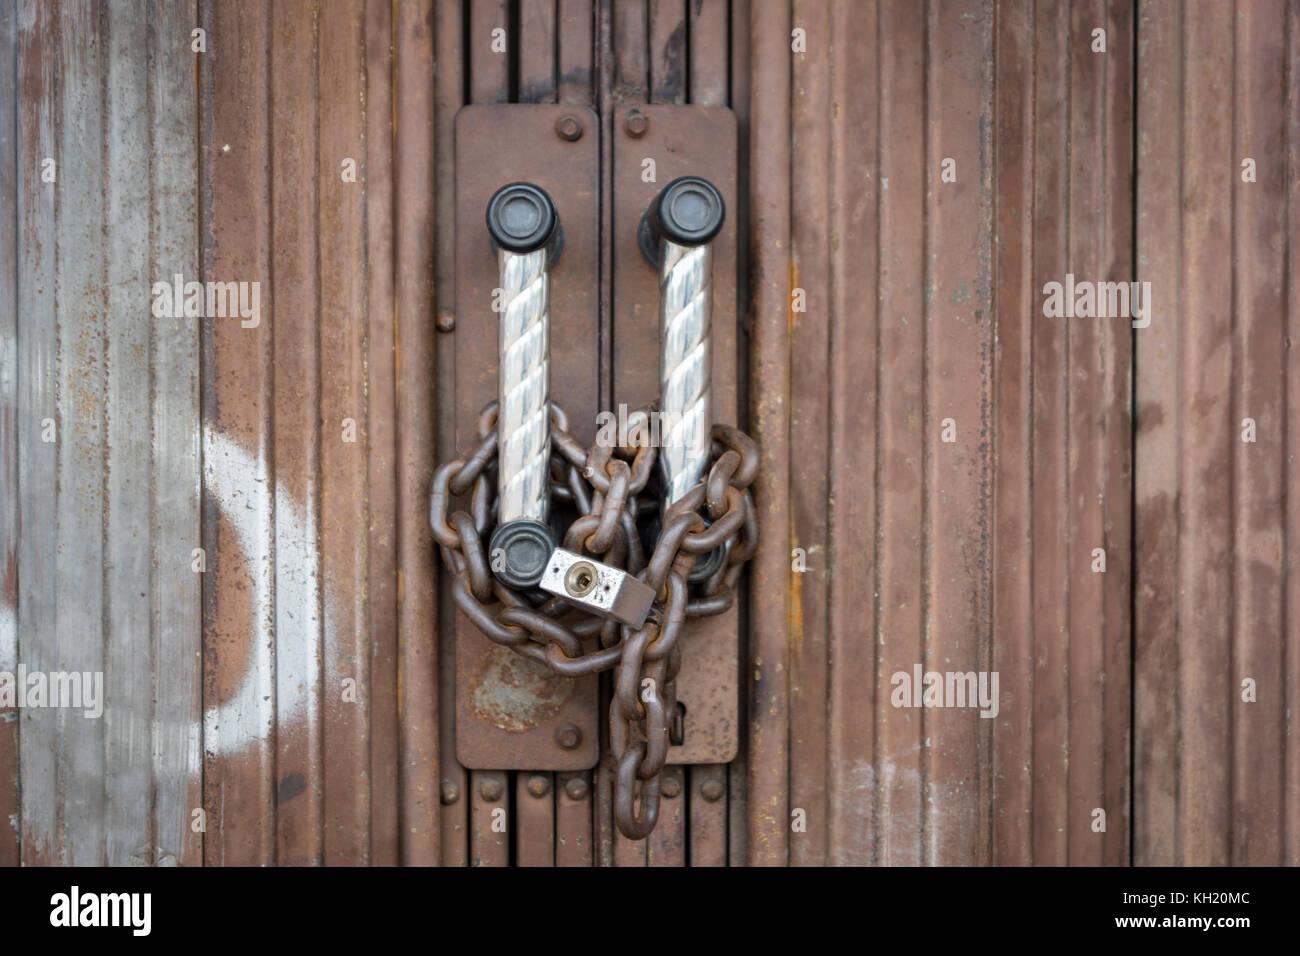 Chaîne et cadenas verrouillé en toute sécurité sur la porte rouillée. Photo Stock